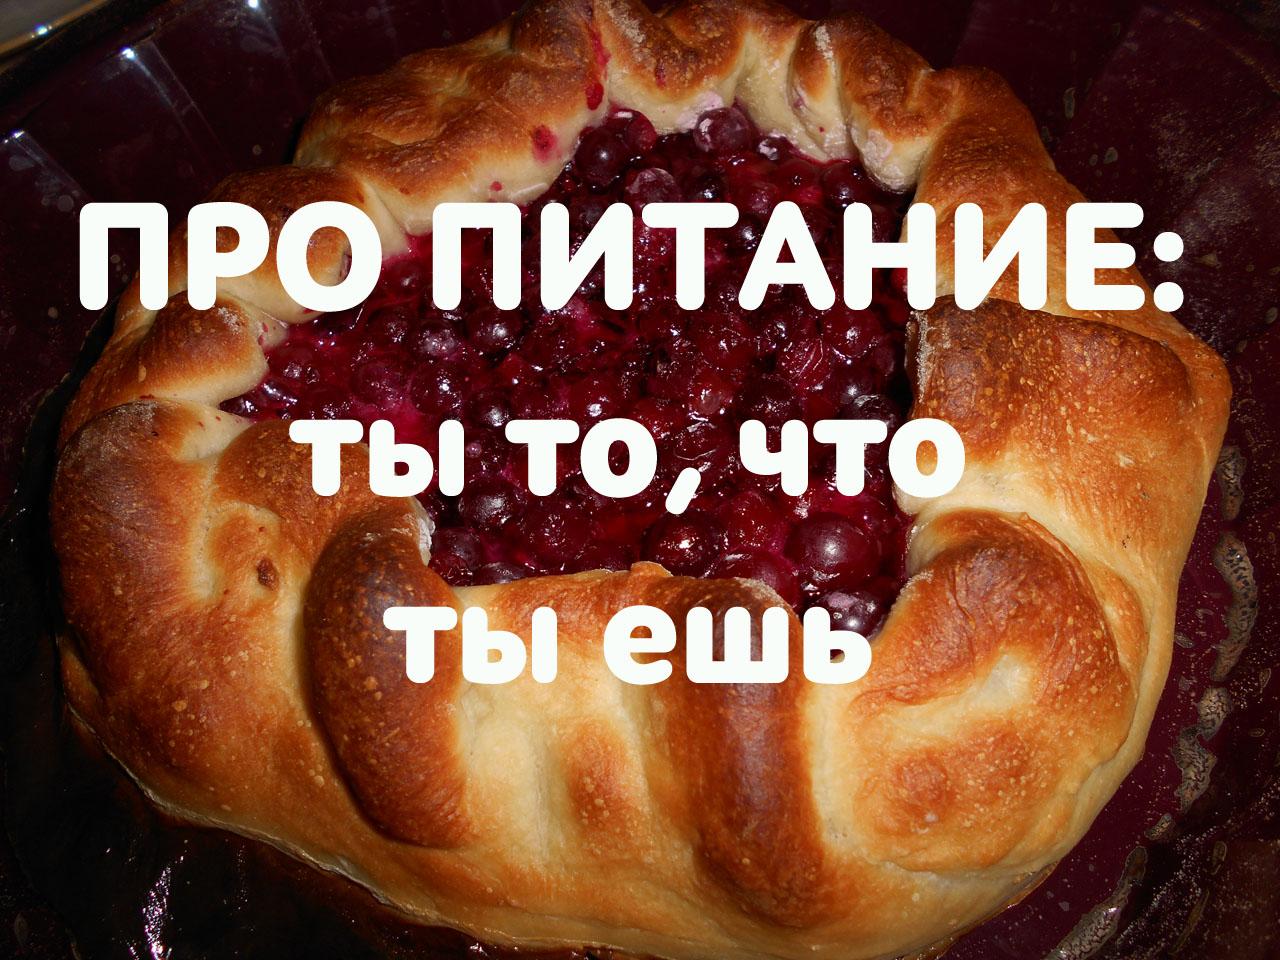 Борисов Олег Как приготовить праздничный ужин 8 Марта? Советы мужчинам!